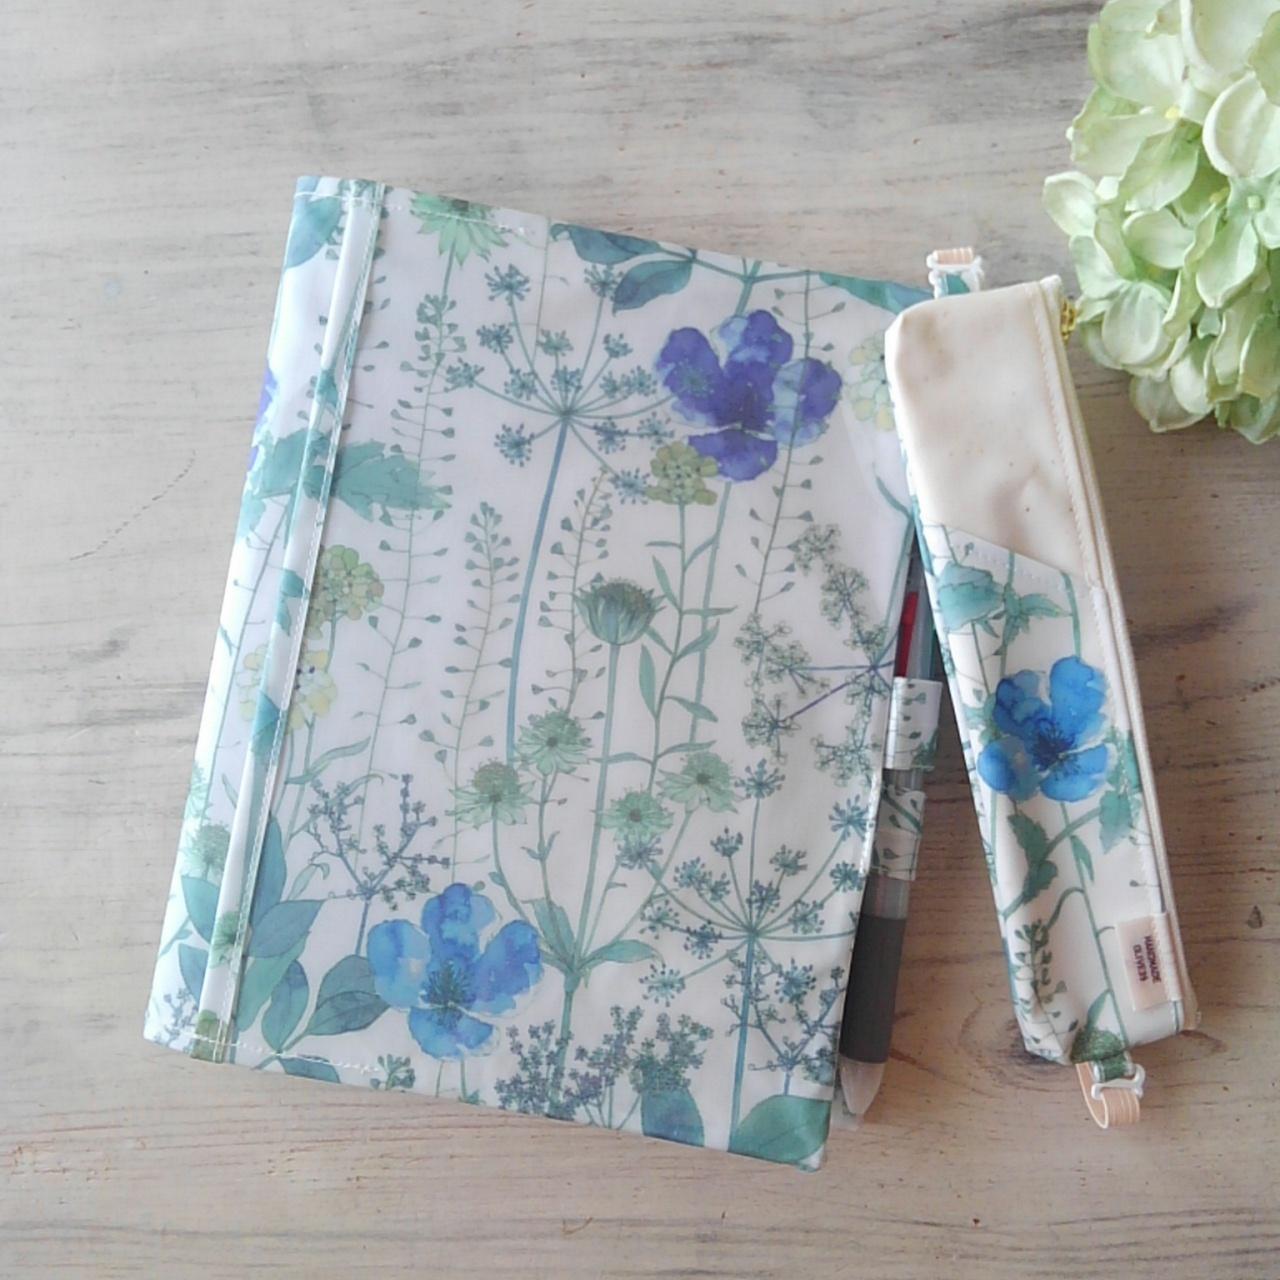 【完成品】イルマ ブルー&ライトブルー*リバティ手帳カバー・ぺンケースセット*ナカバヤシサイズ